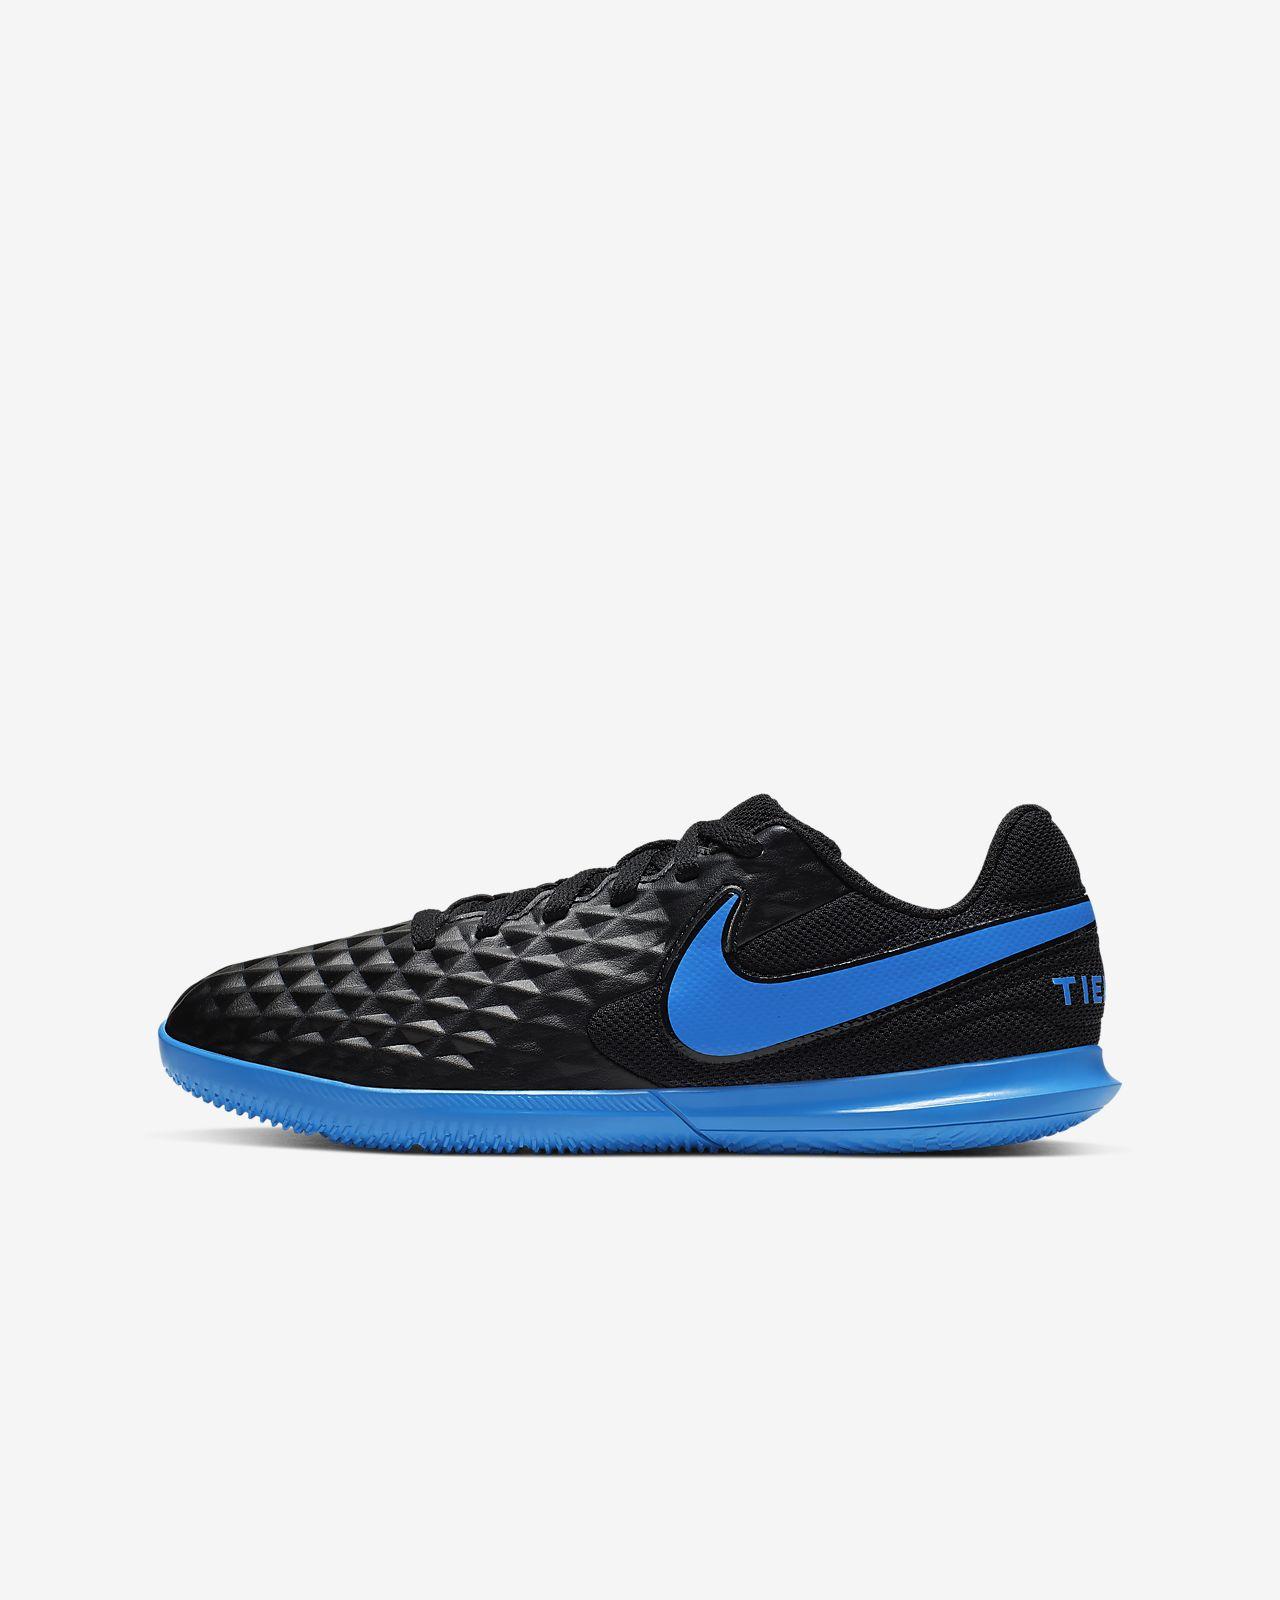 4785e39b ... Nike Jr. Tiempo Legend 8 Club IC fotballsko til innendørs bane til  små/store